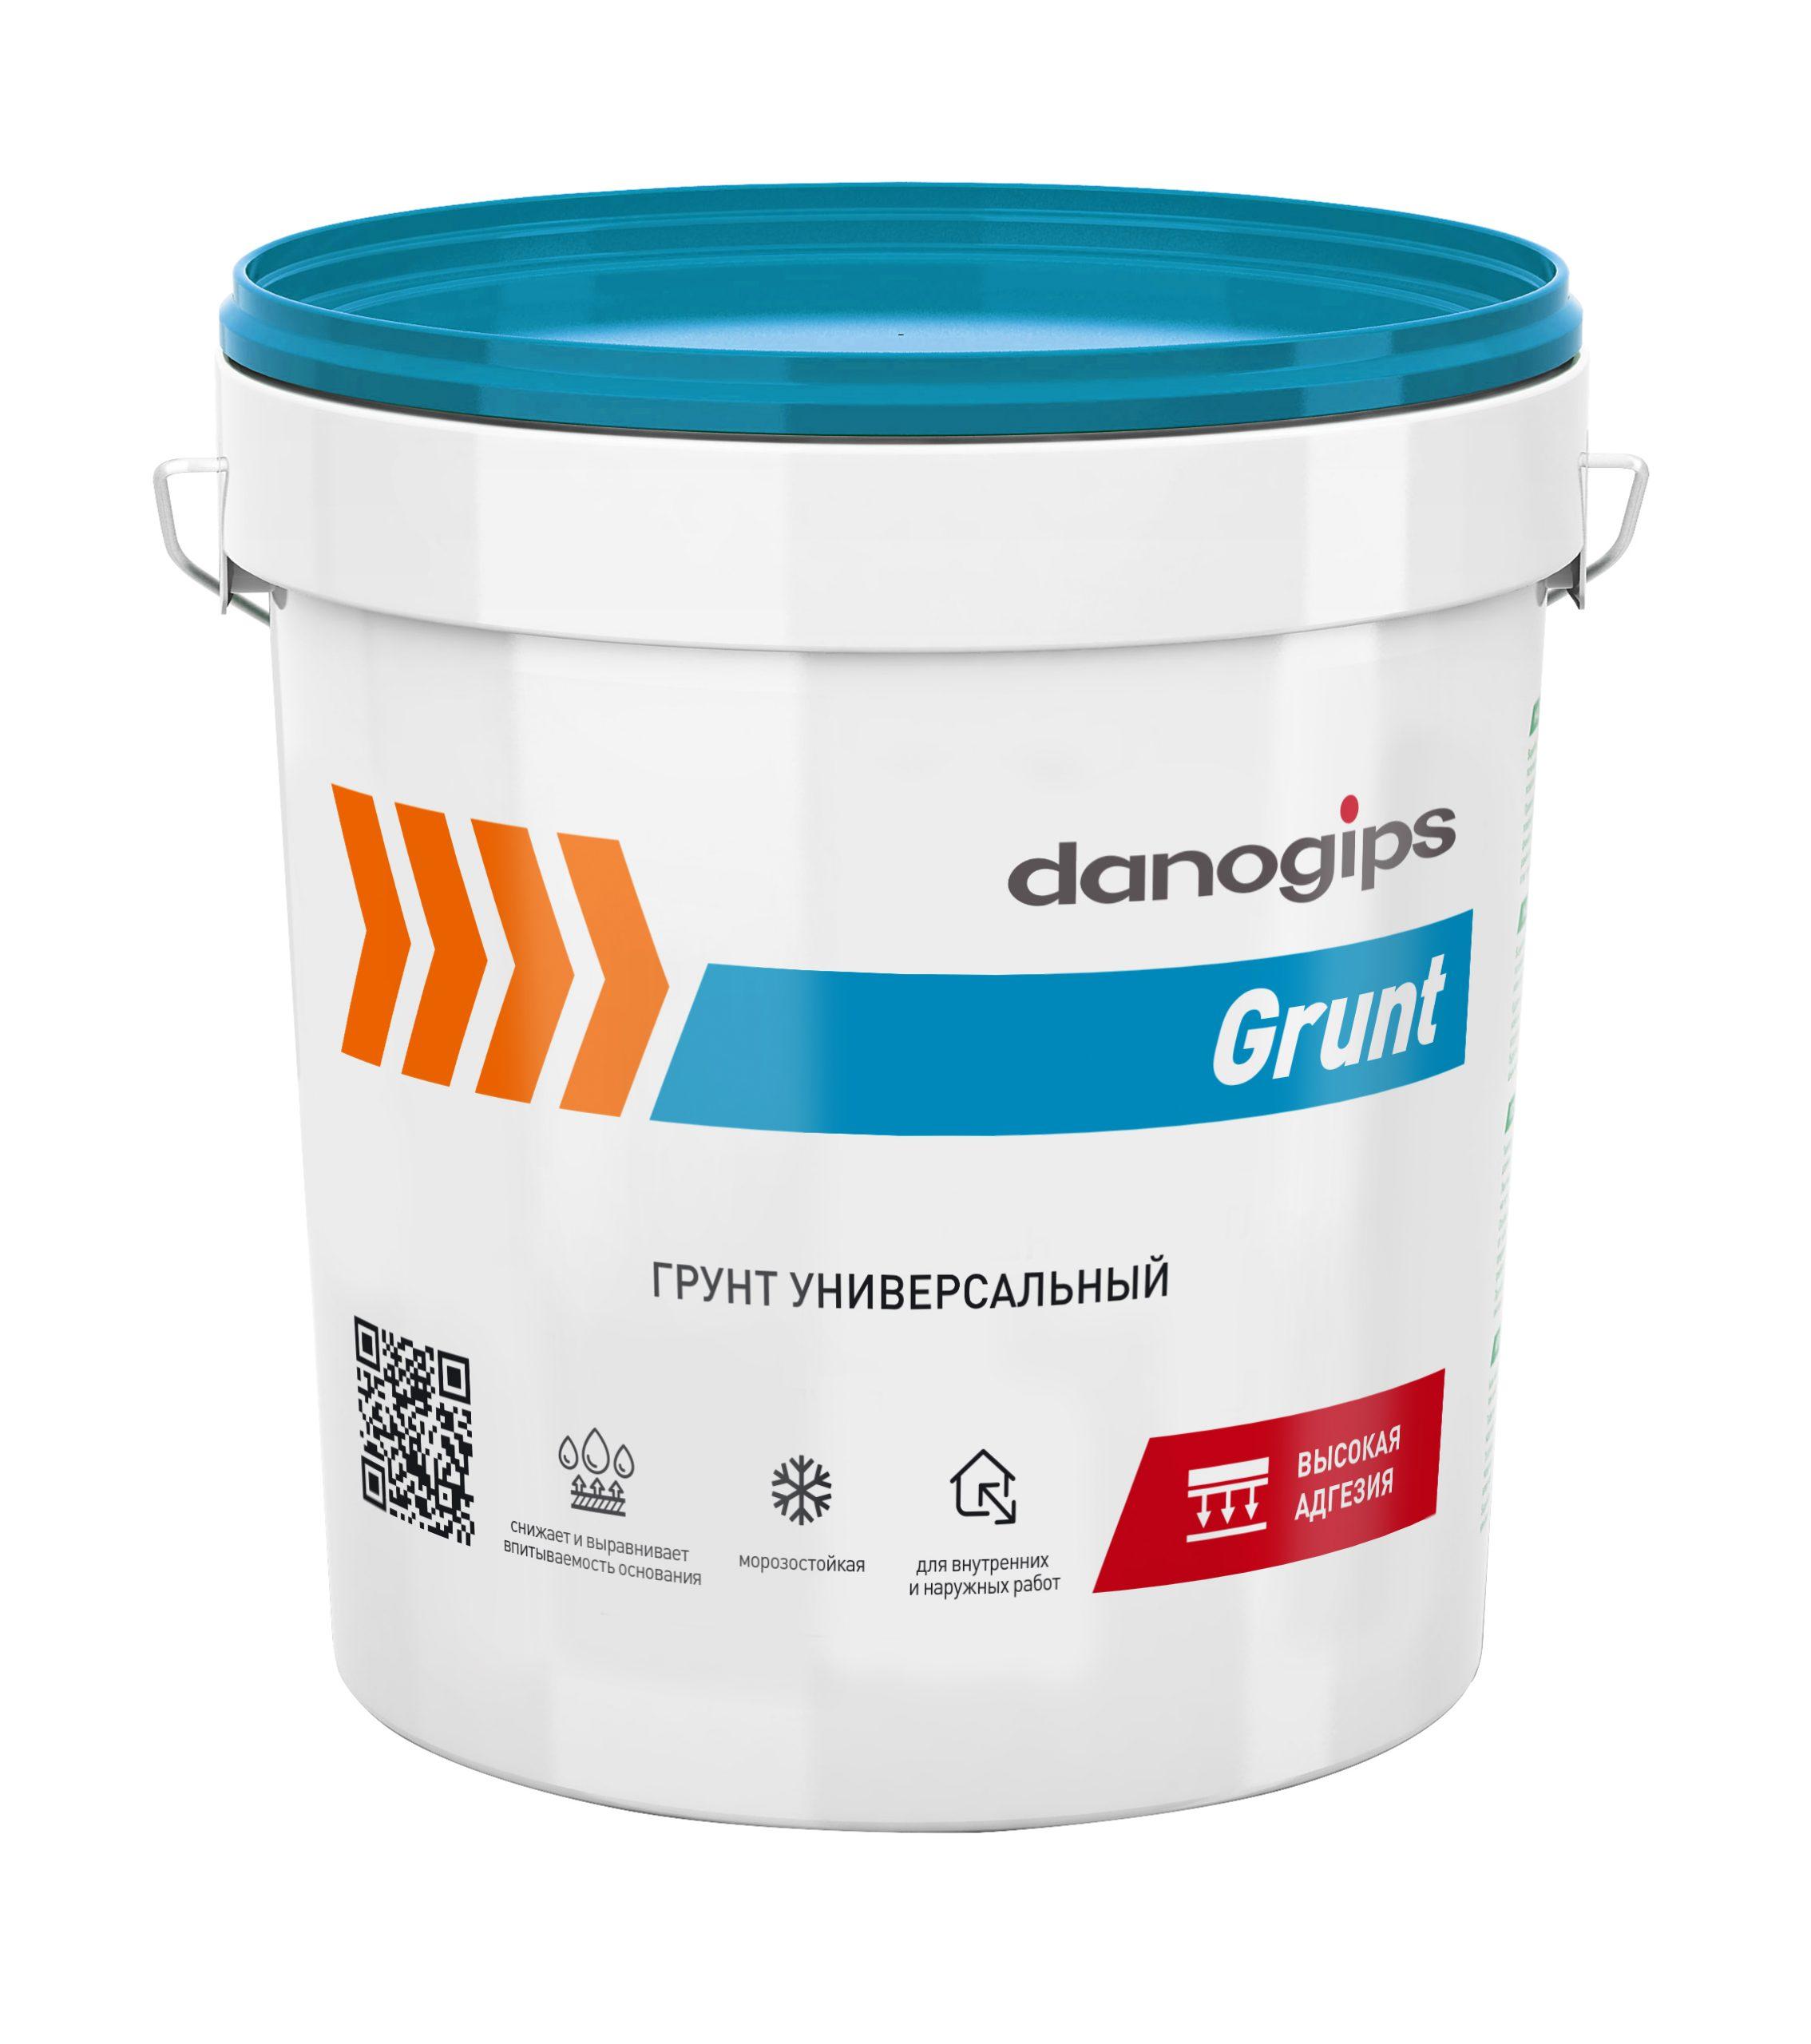 Грунт универсальный Danogips GRUNT доставка Уральск